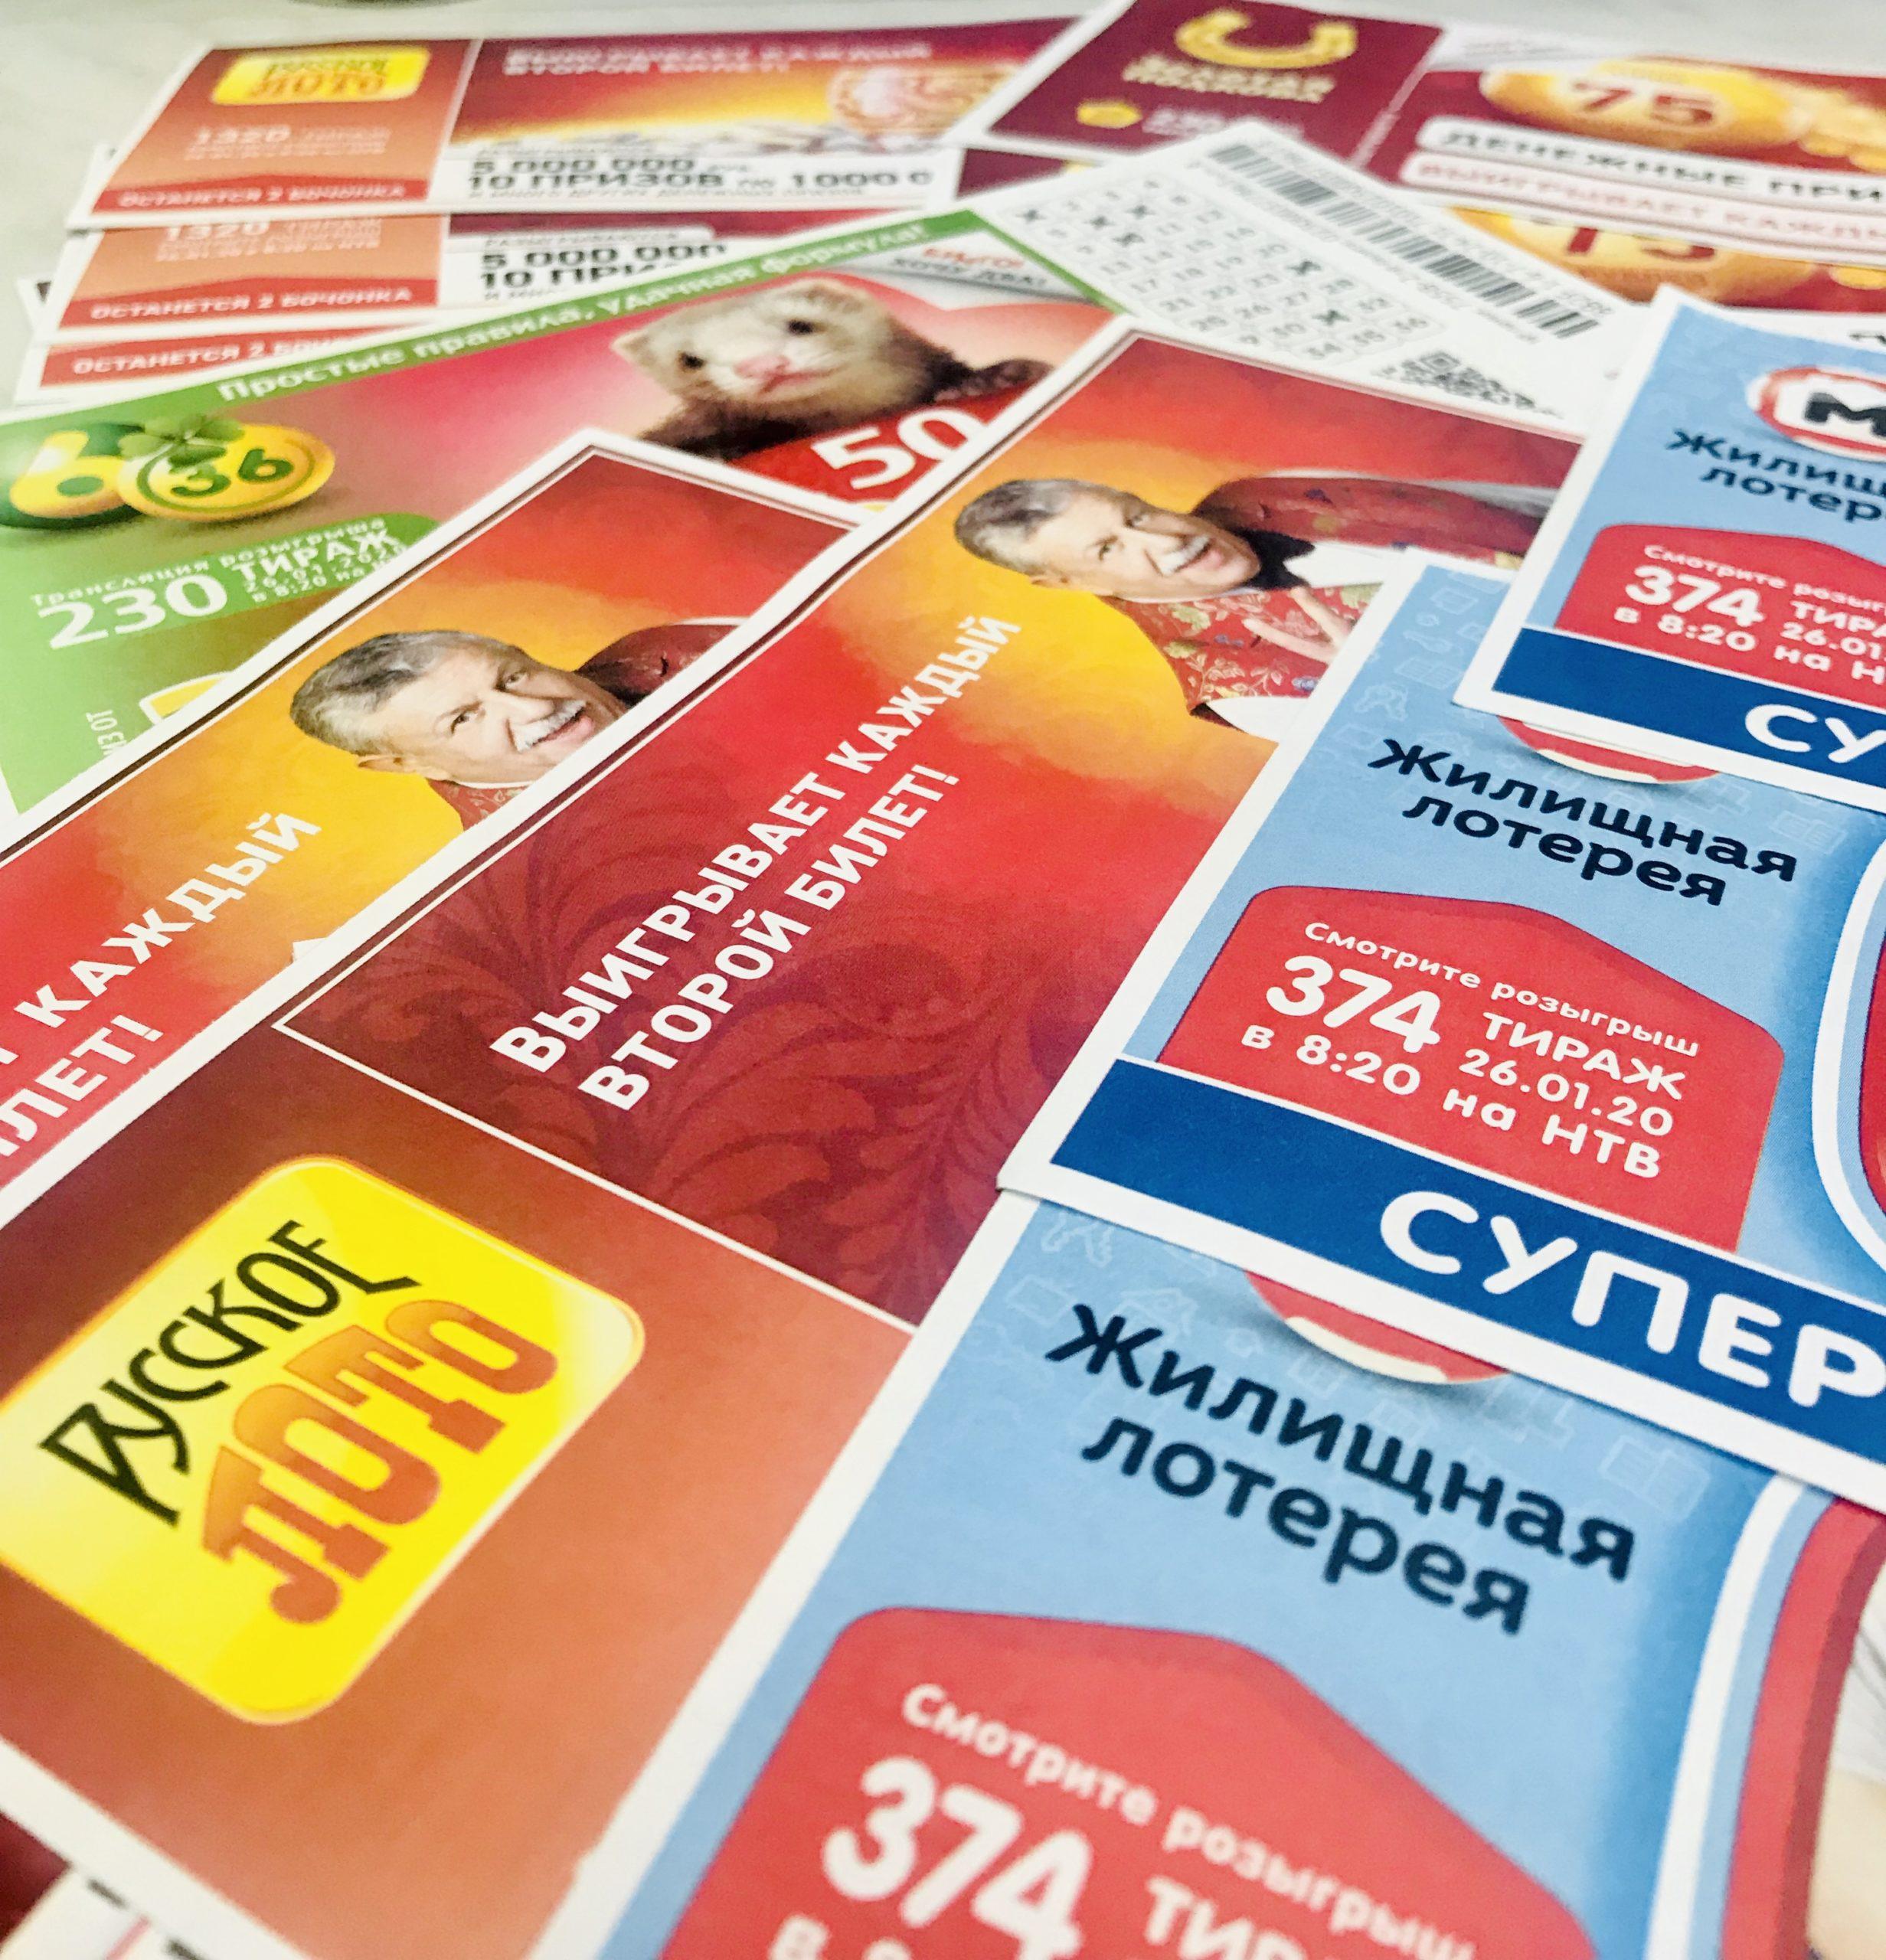 Клиенты Почты России в Тверской области выиграли в лотерею свыше 55 млн рублей